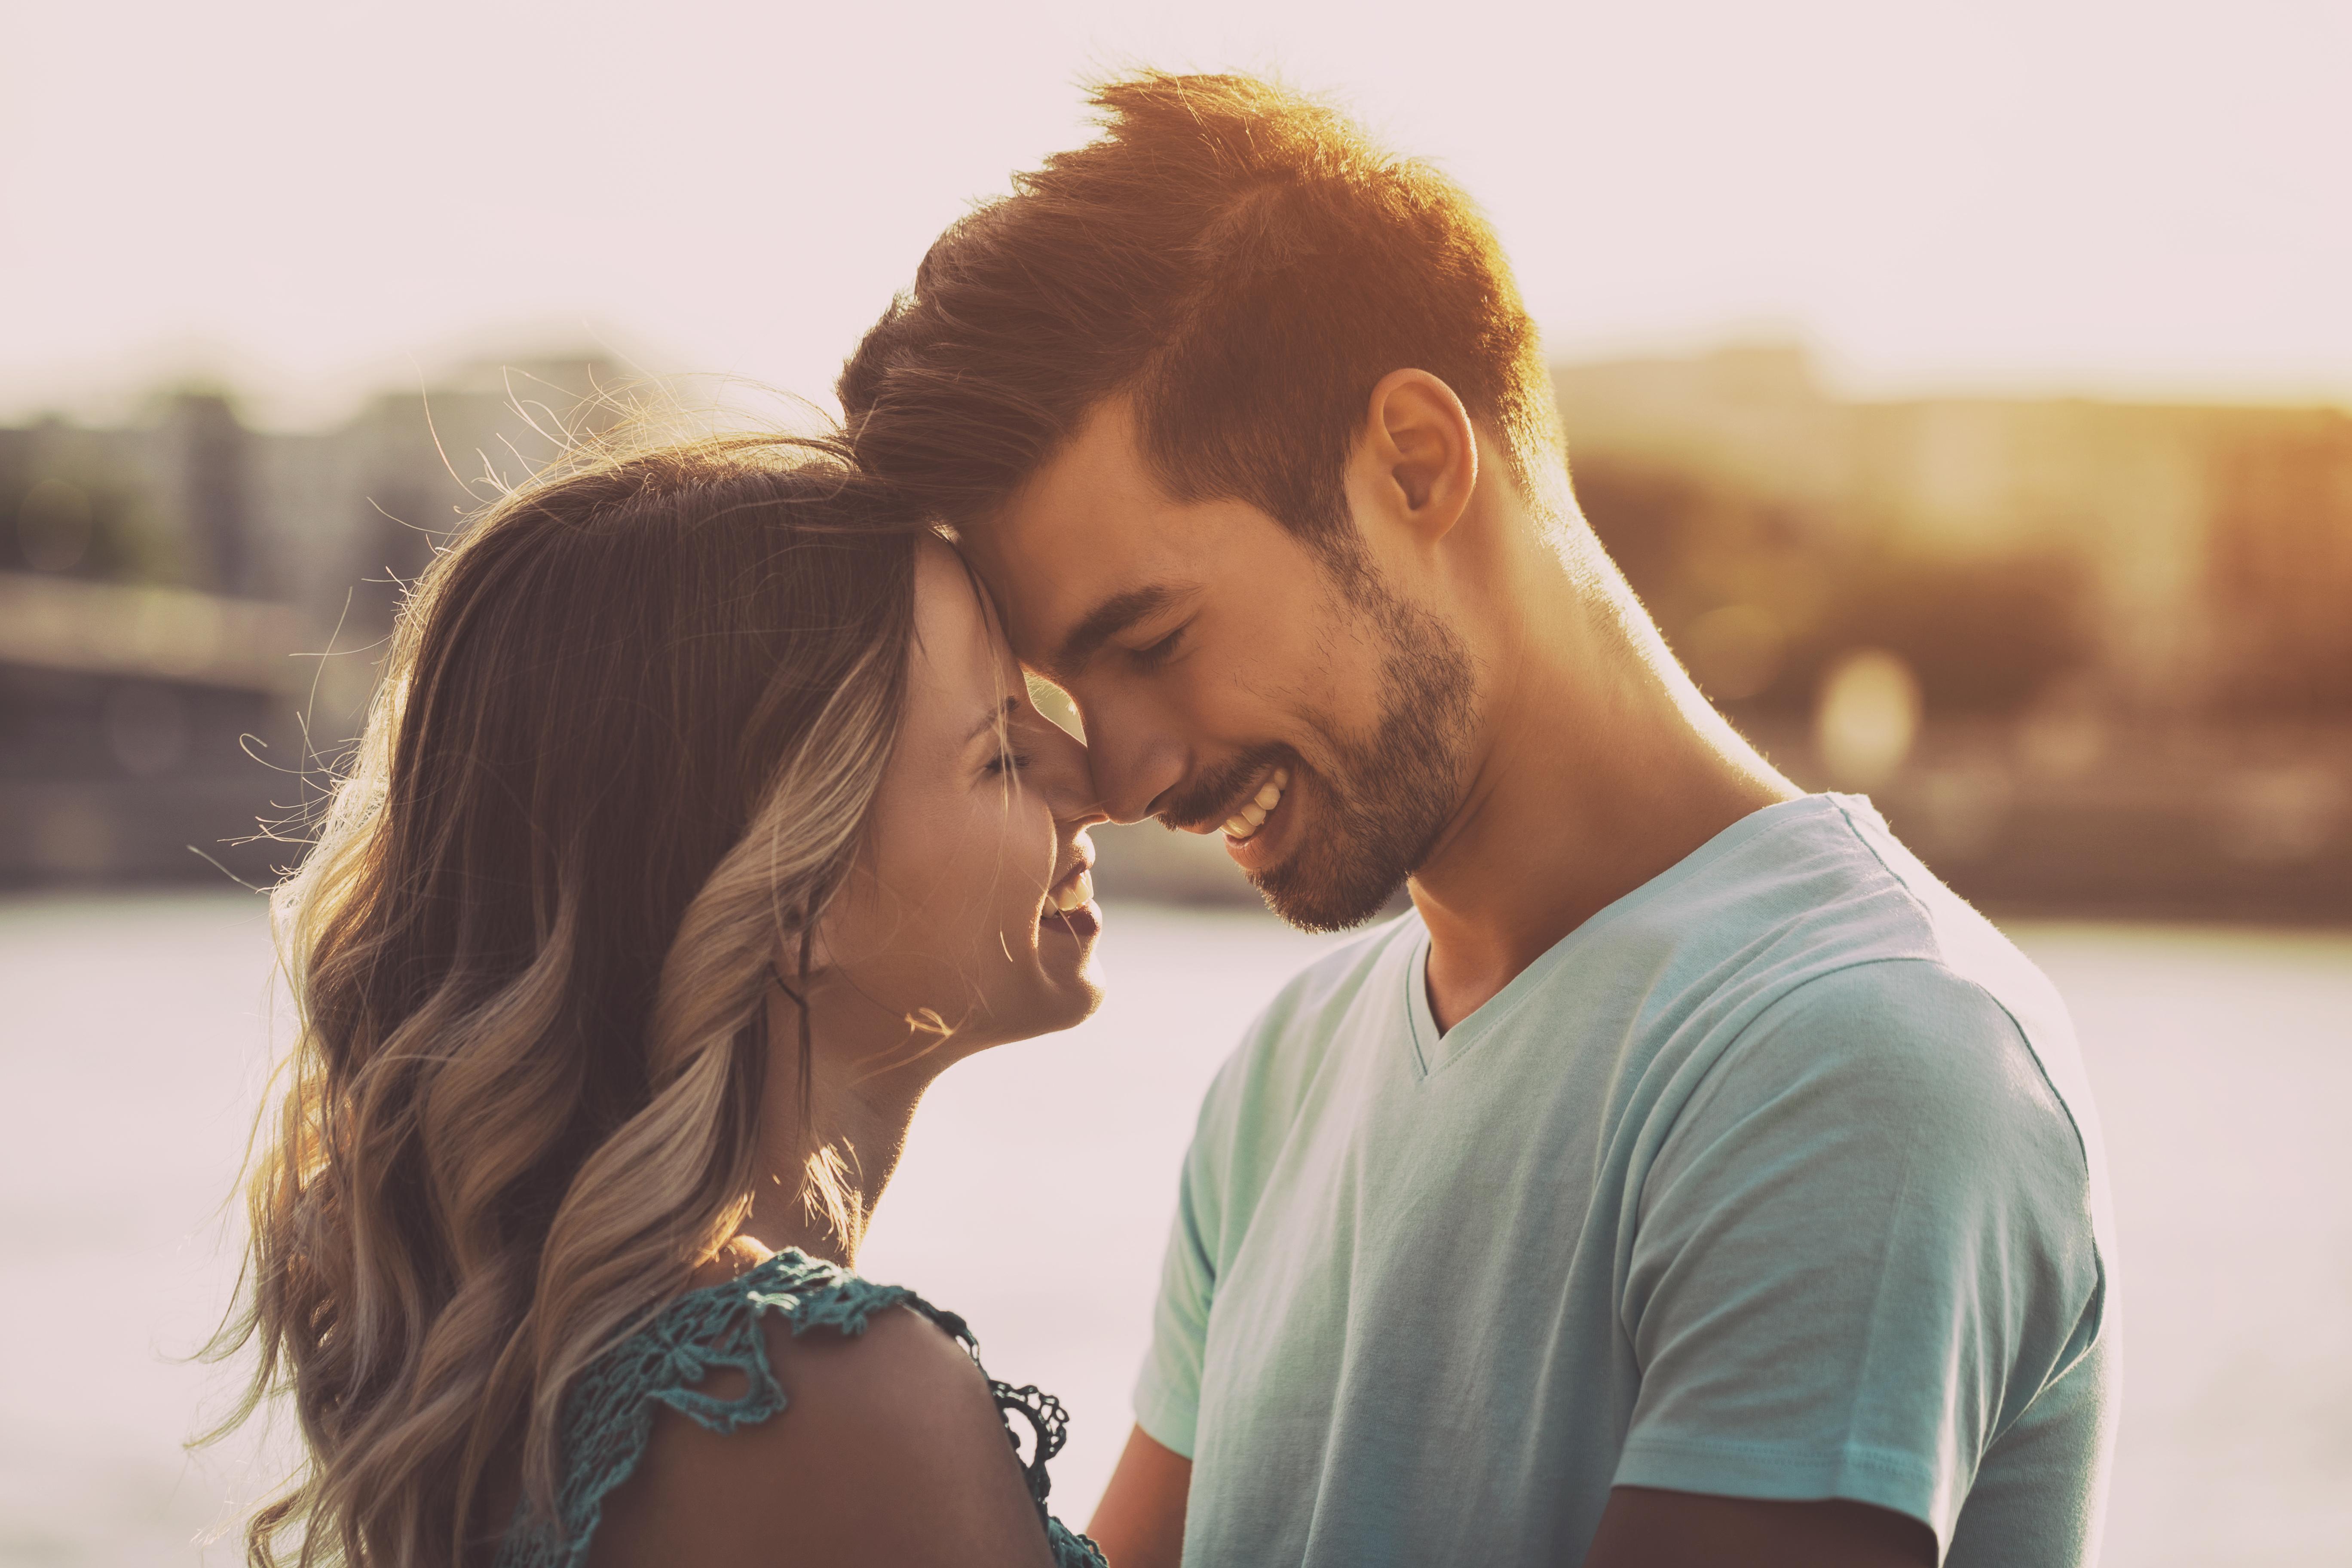 κάνει Dating εργασίας χωρίς εγγραφή Ασιάτης/ισσα dating